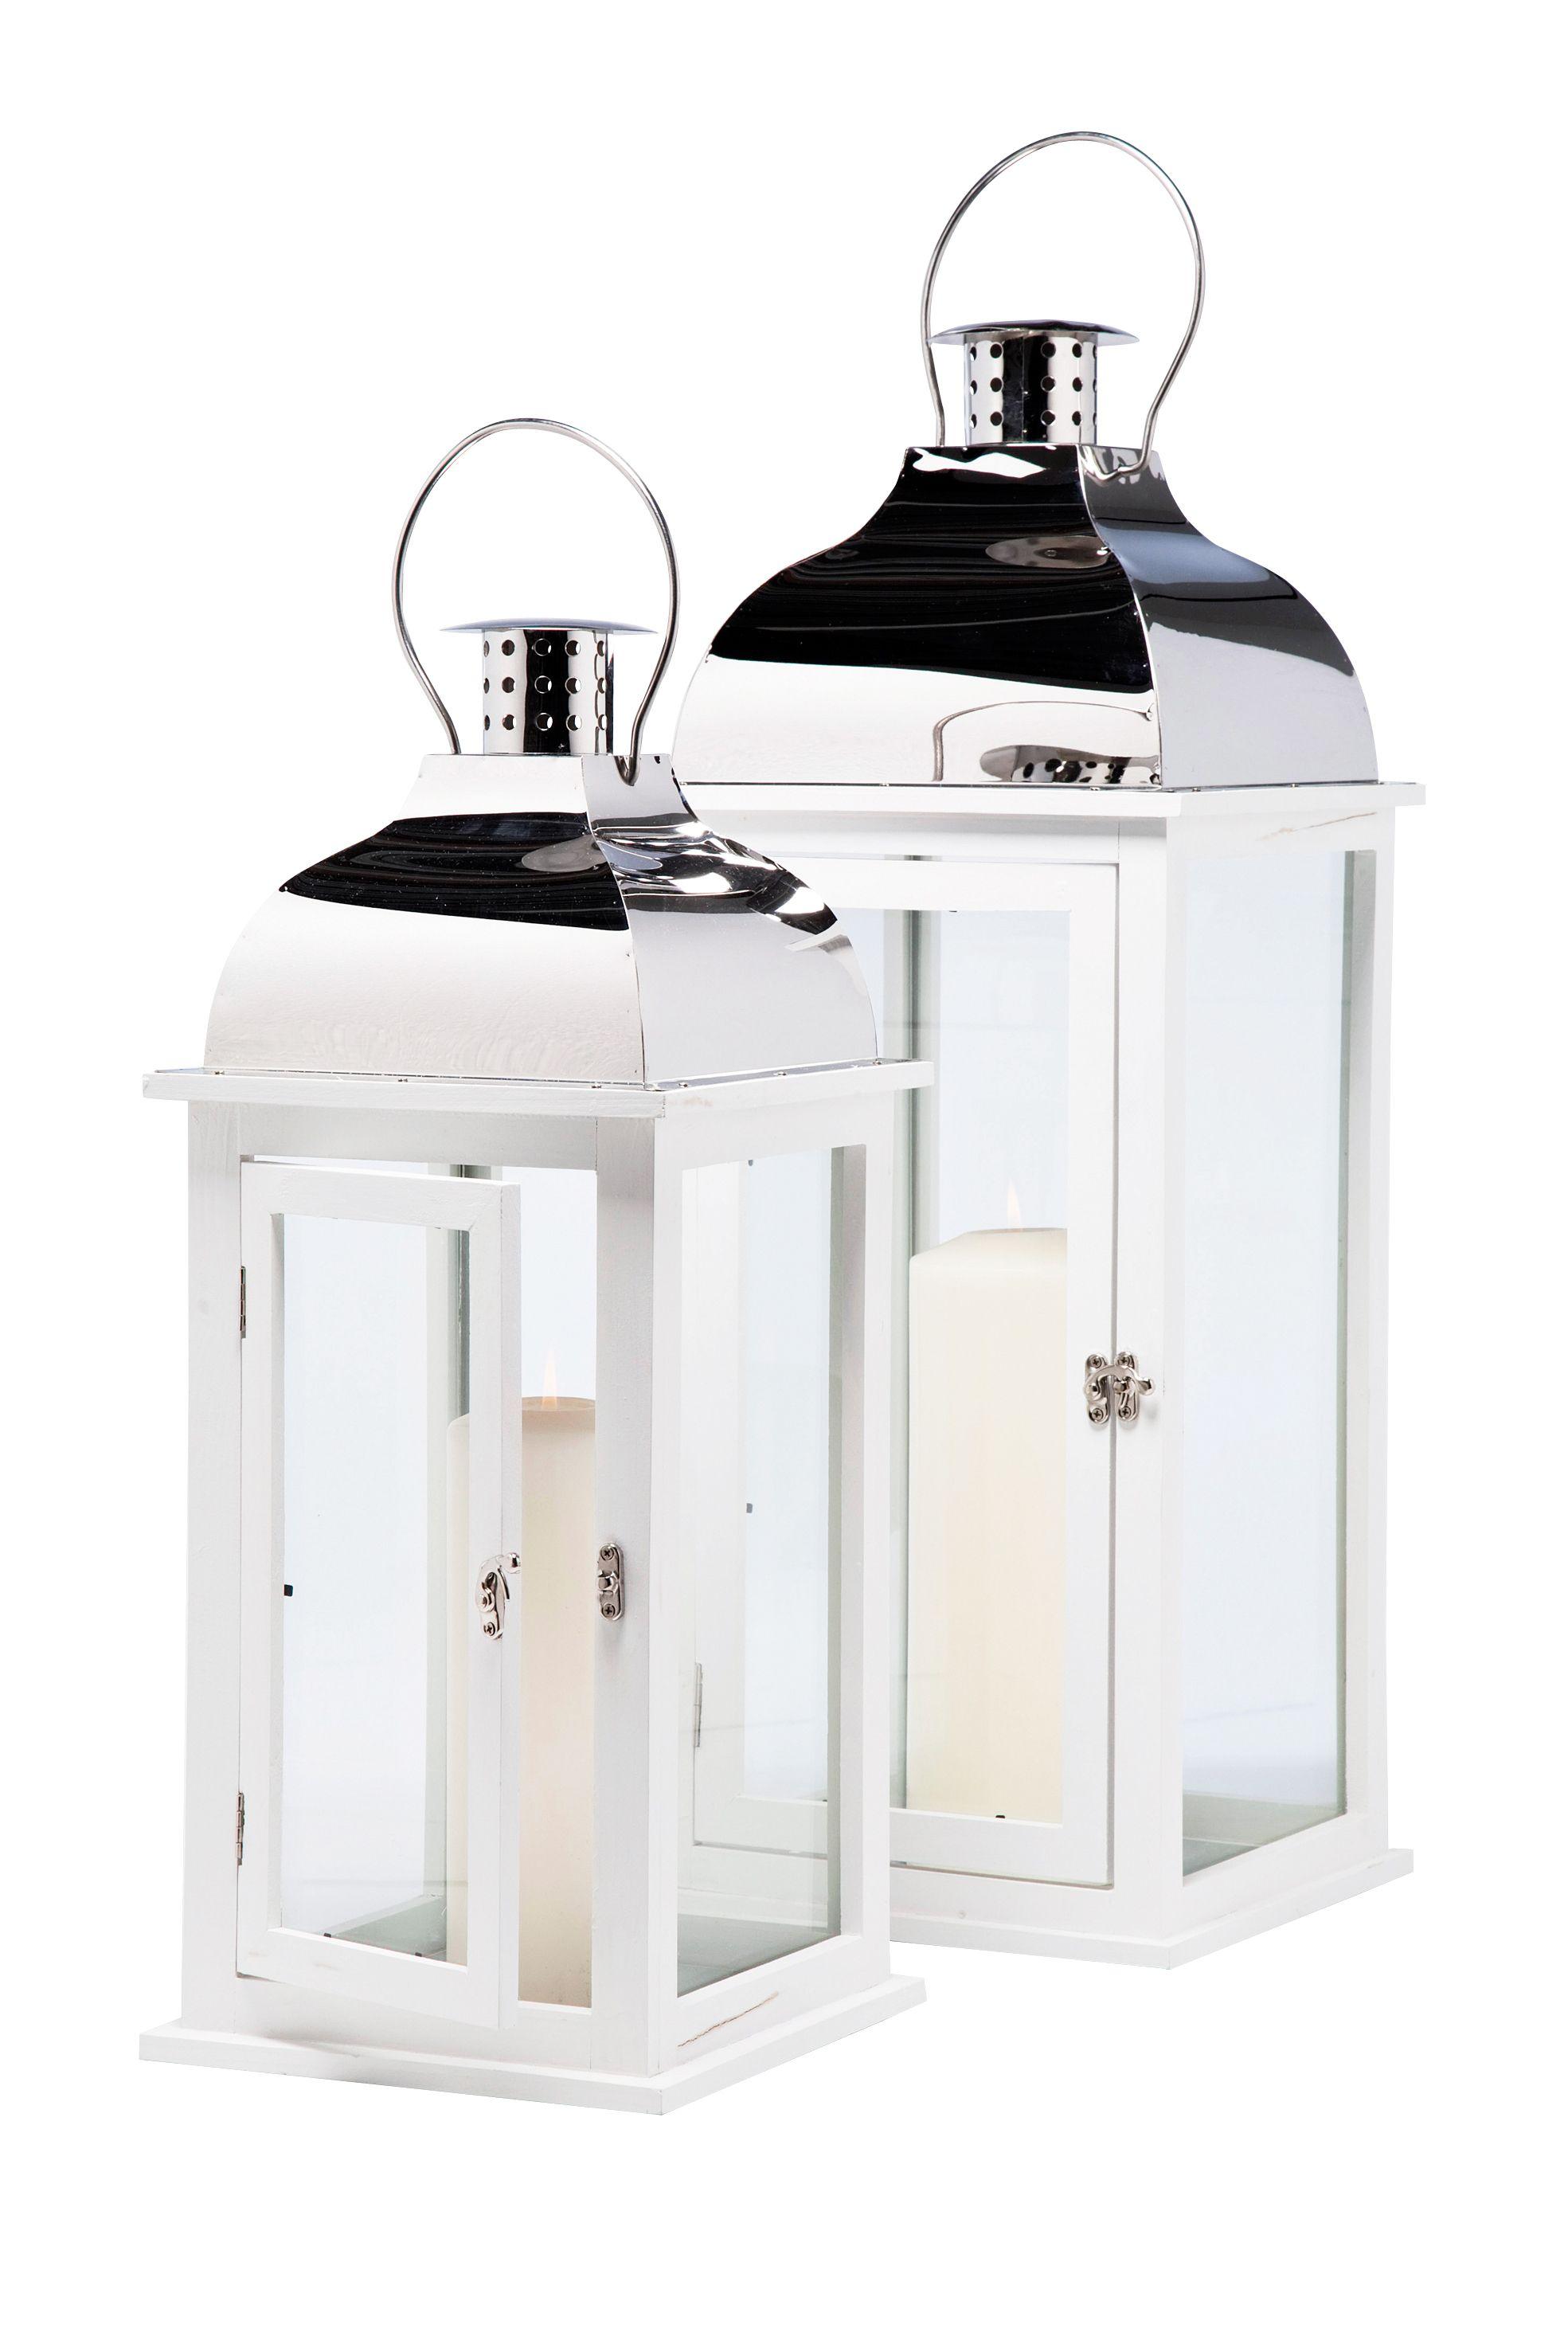 kare design laterne f r garten und wohnzimmer aus lackiertem kiefernholz in edlem wei und. Black Bedroom Furniture Sets. Home Design Ideas